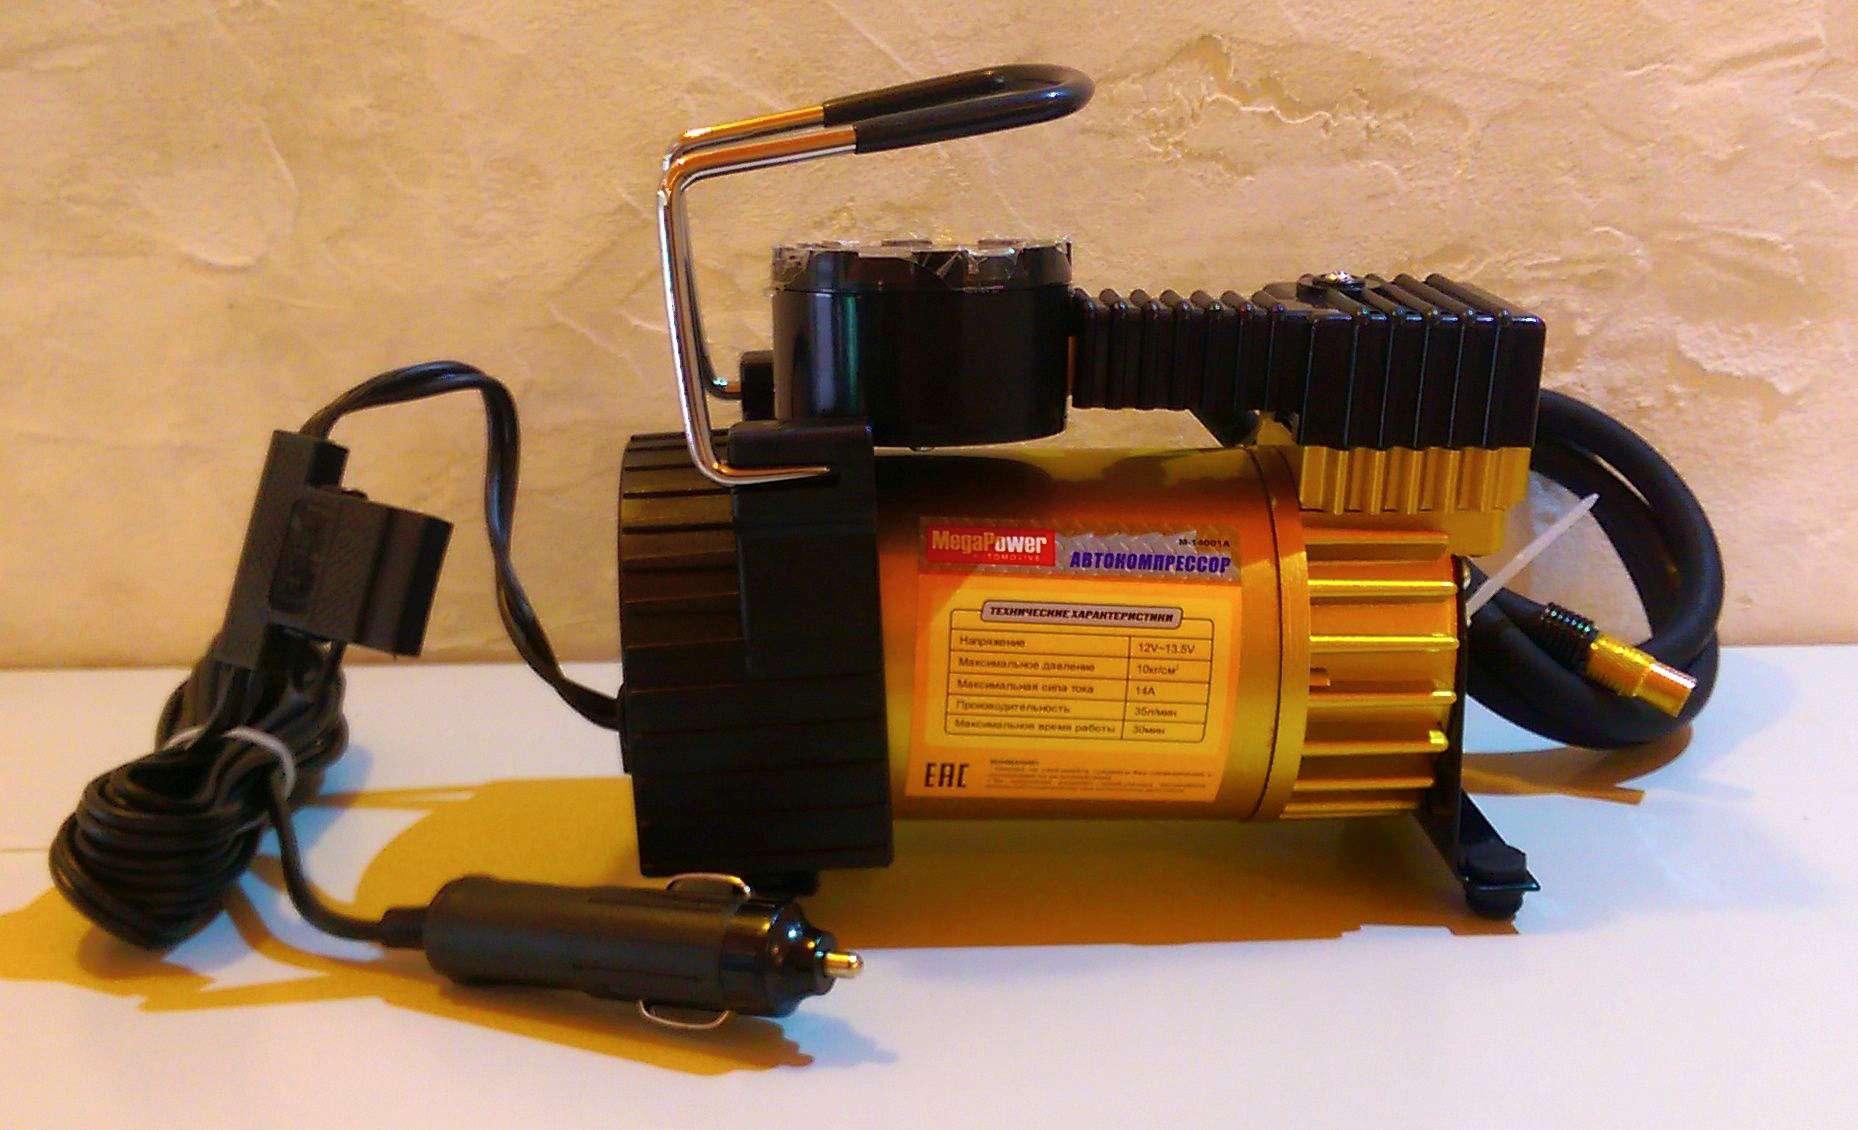 Автомобильный мощный компрессор MegaPower M-53600